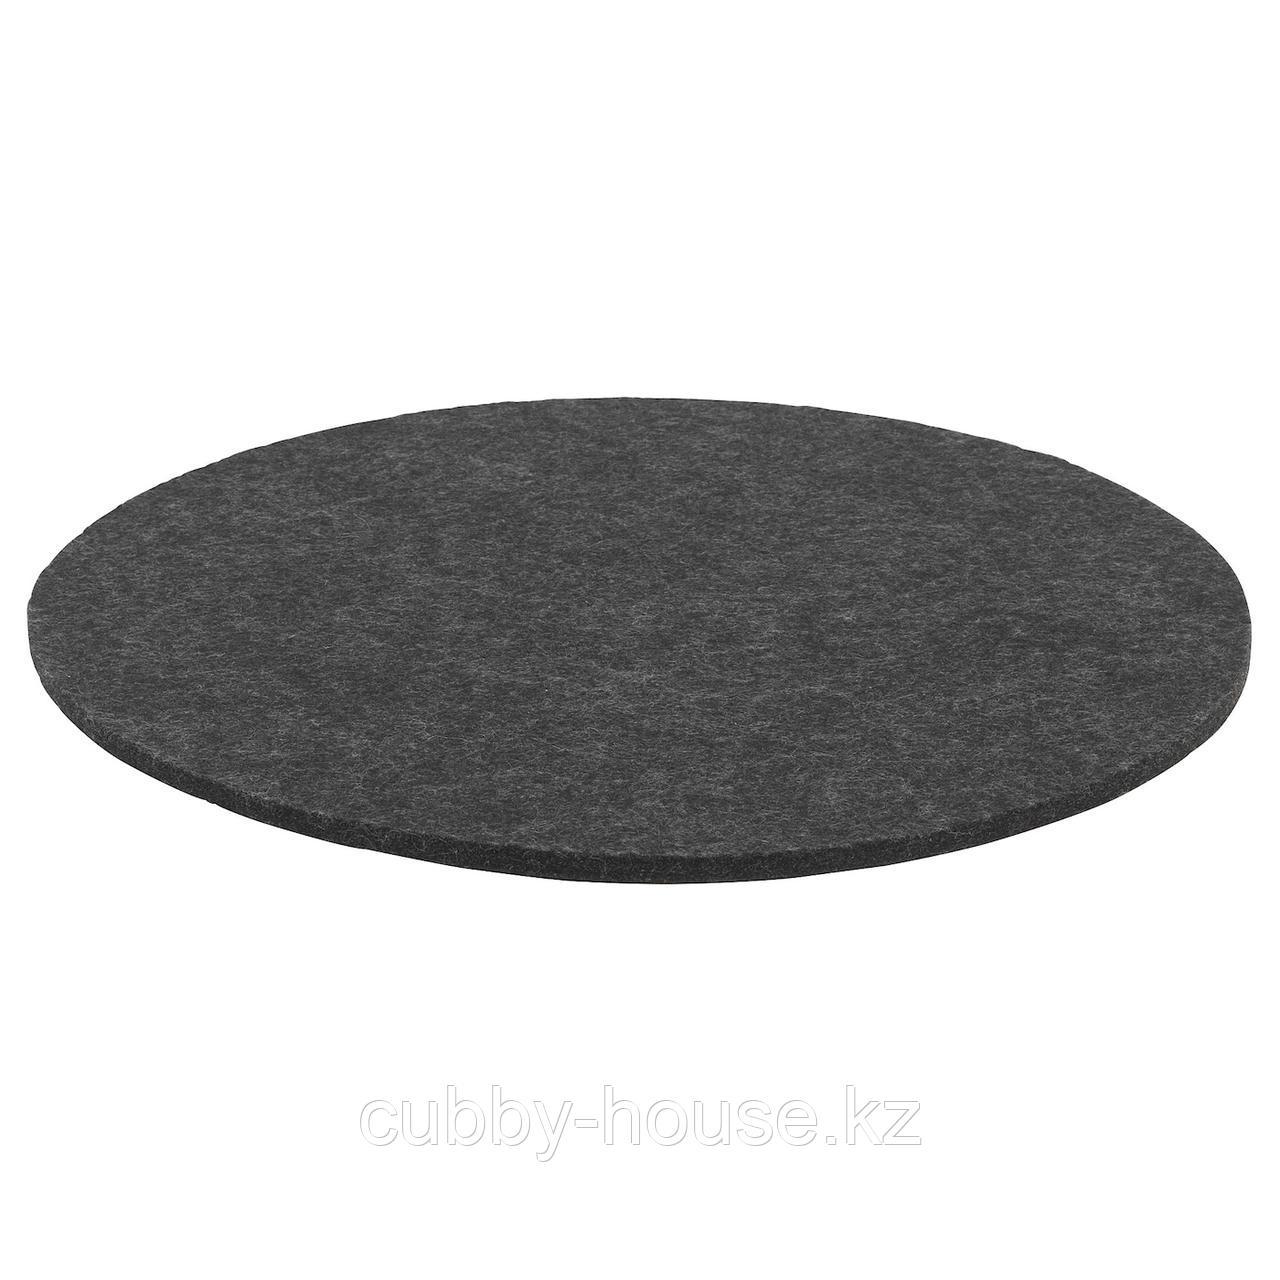 ОДДБЬЁРГ Подушка на стул, серый, 35 см